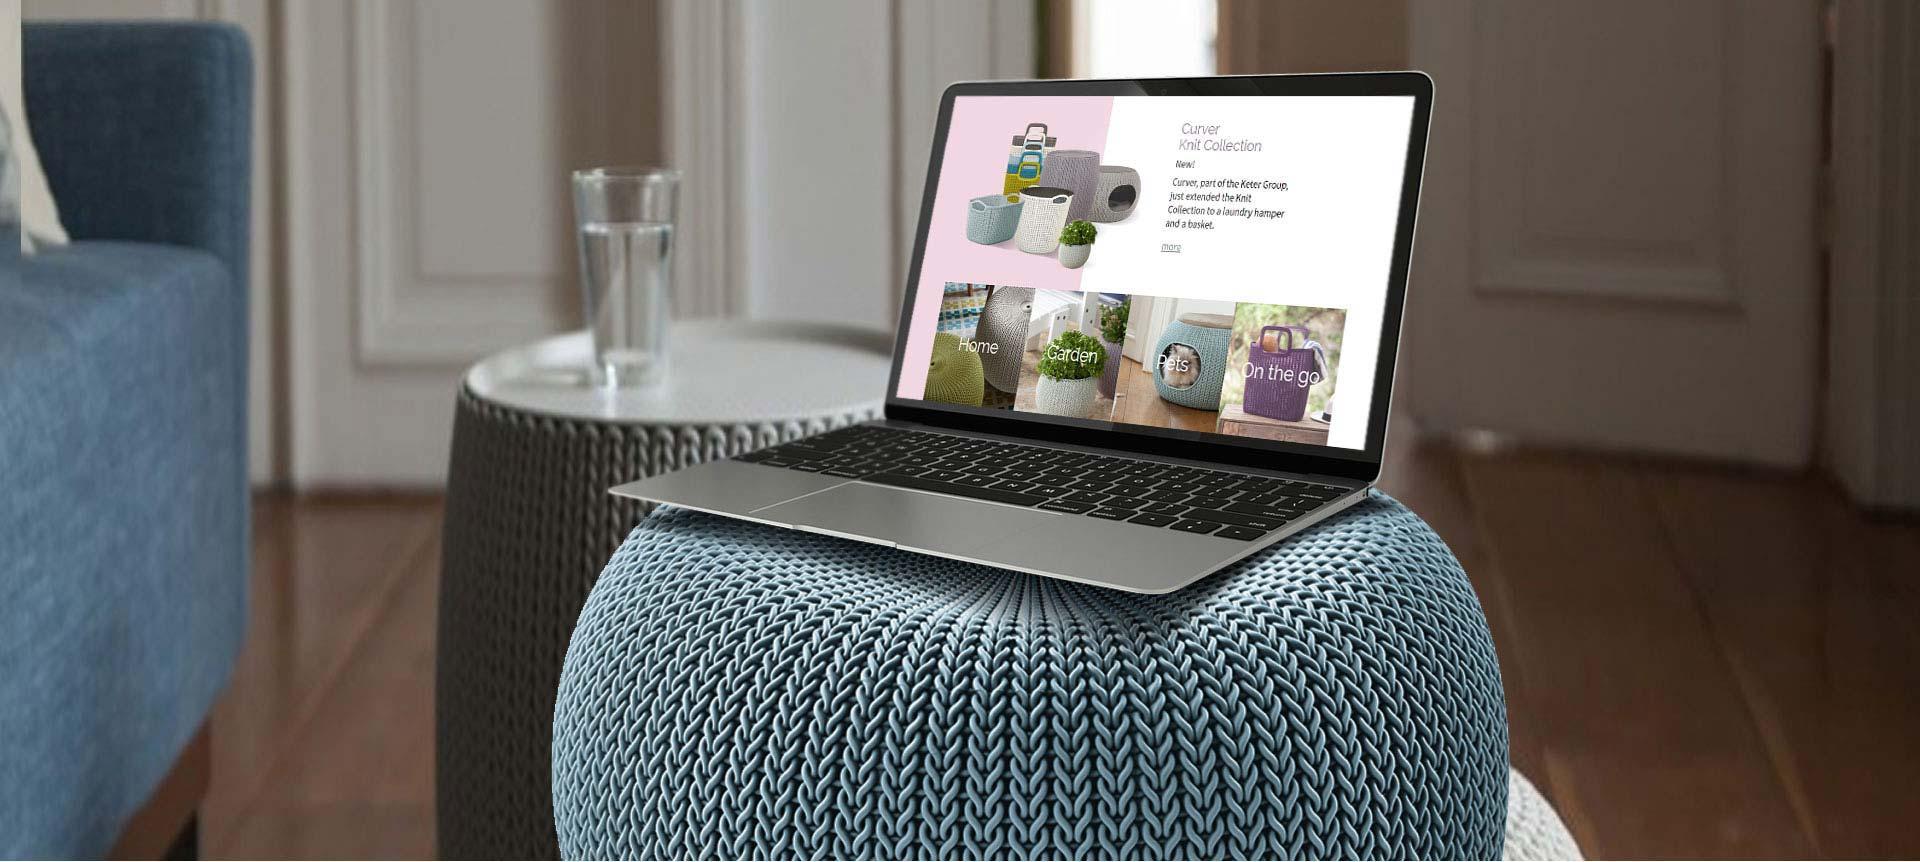 פרויקט Web Design Website: Knit